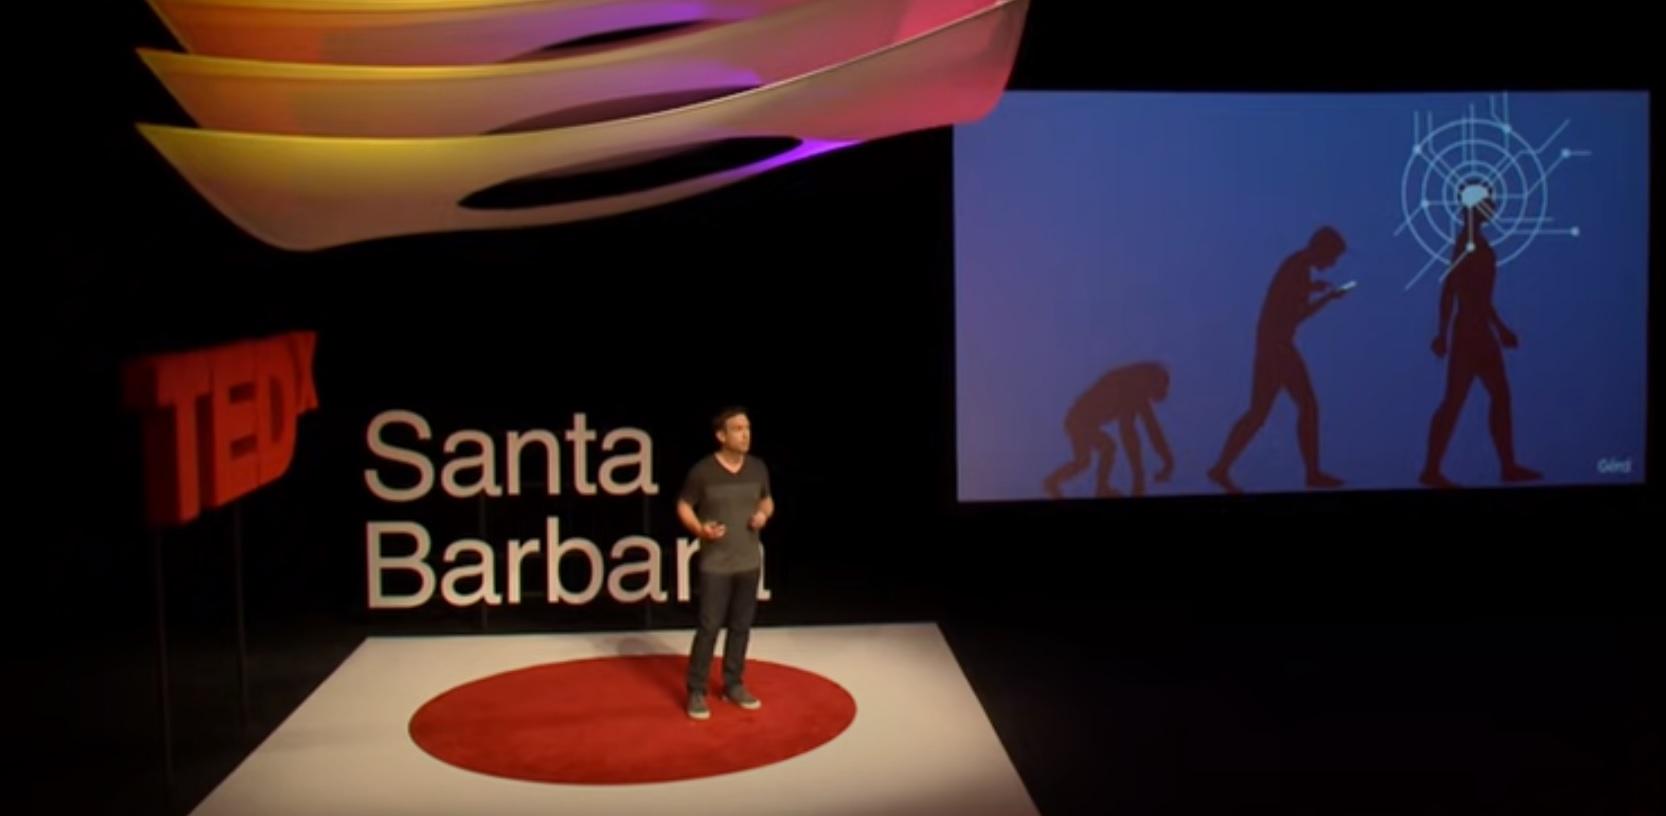 TEDx speaker on stage